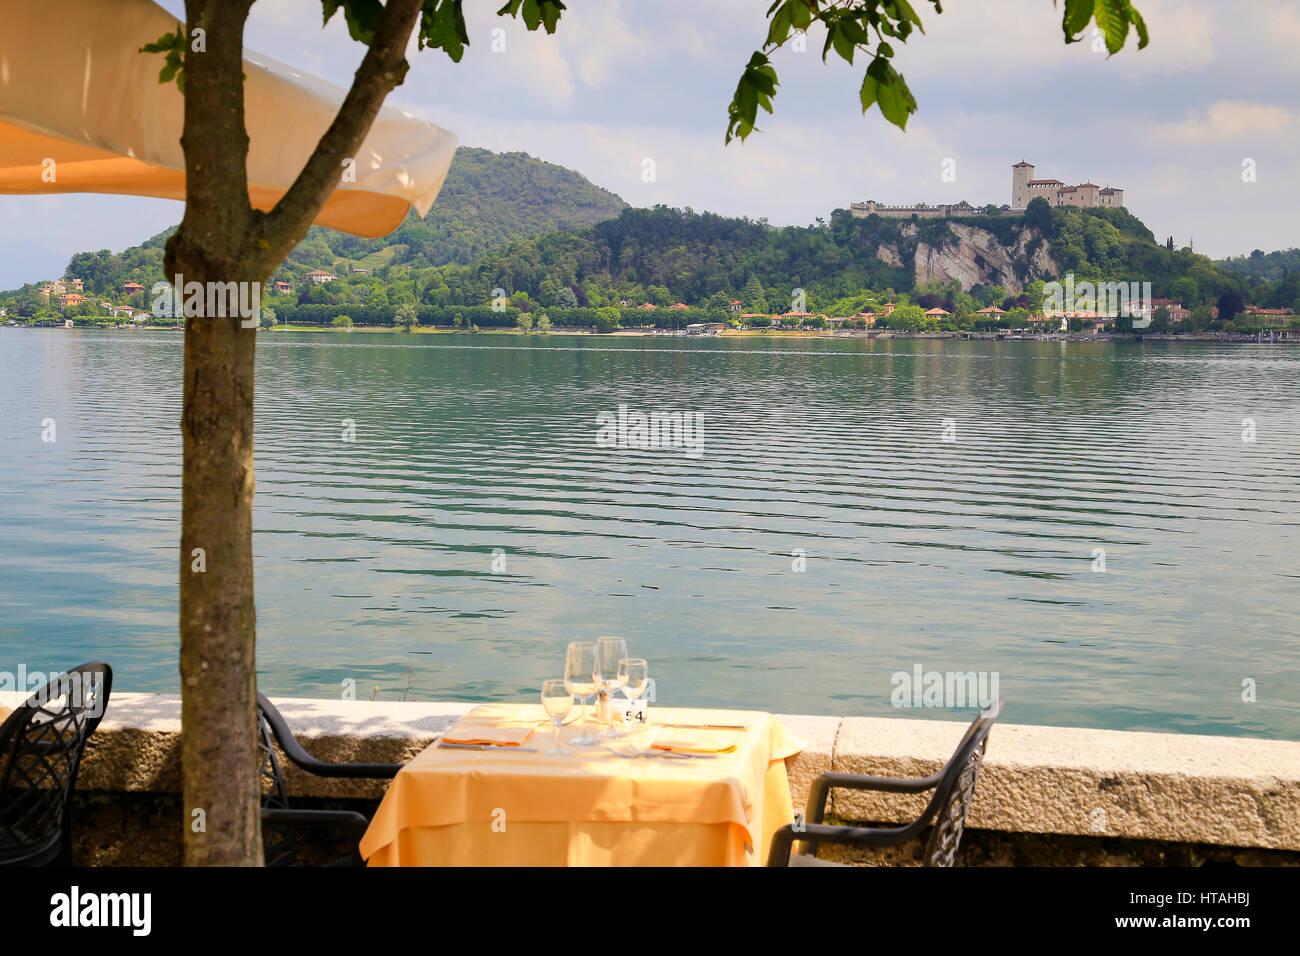 Lake Maggiore Islands - Isola Bella, Isola Madre, Isola Pescatore - Stock Image